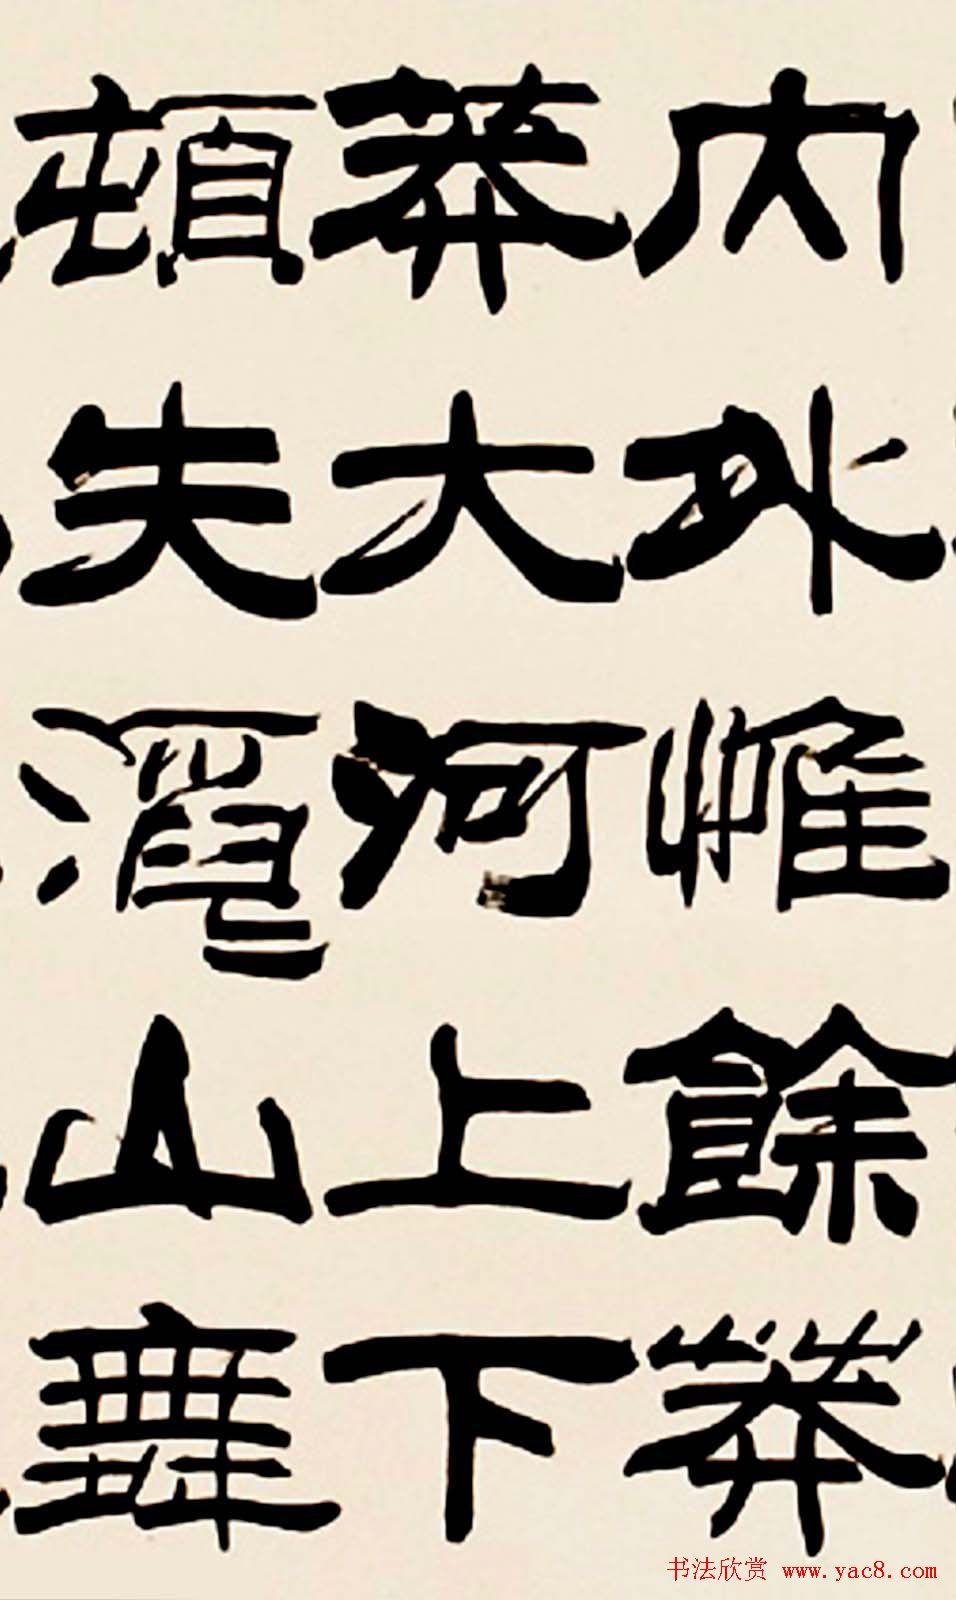 刘炳森隶书欣赏 沁园春雪 第3页 毛笔书法 书法欣赏